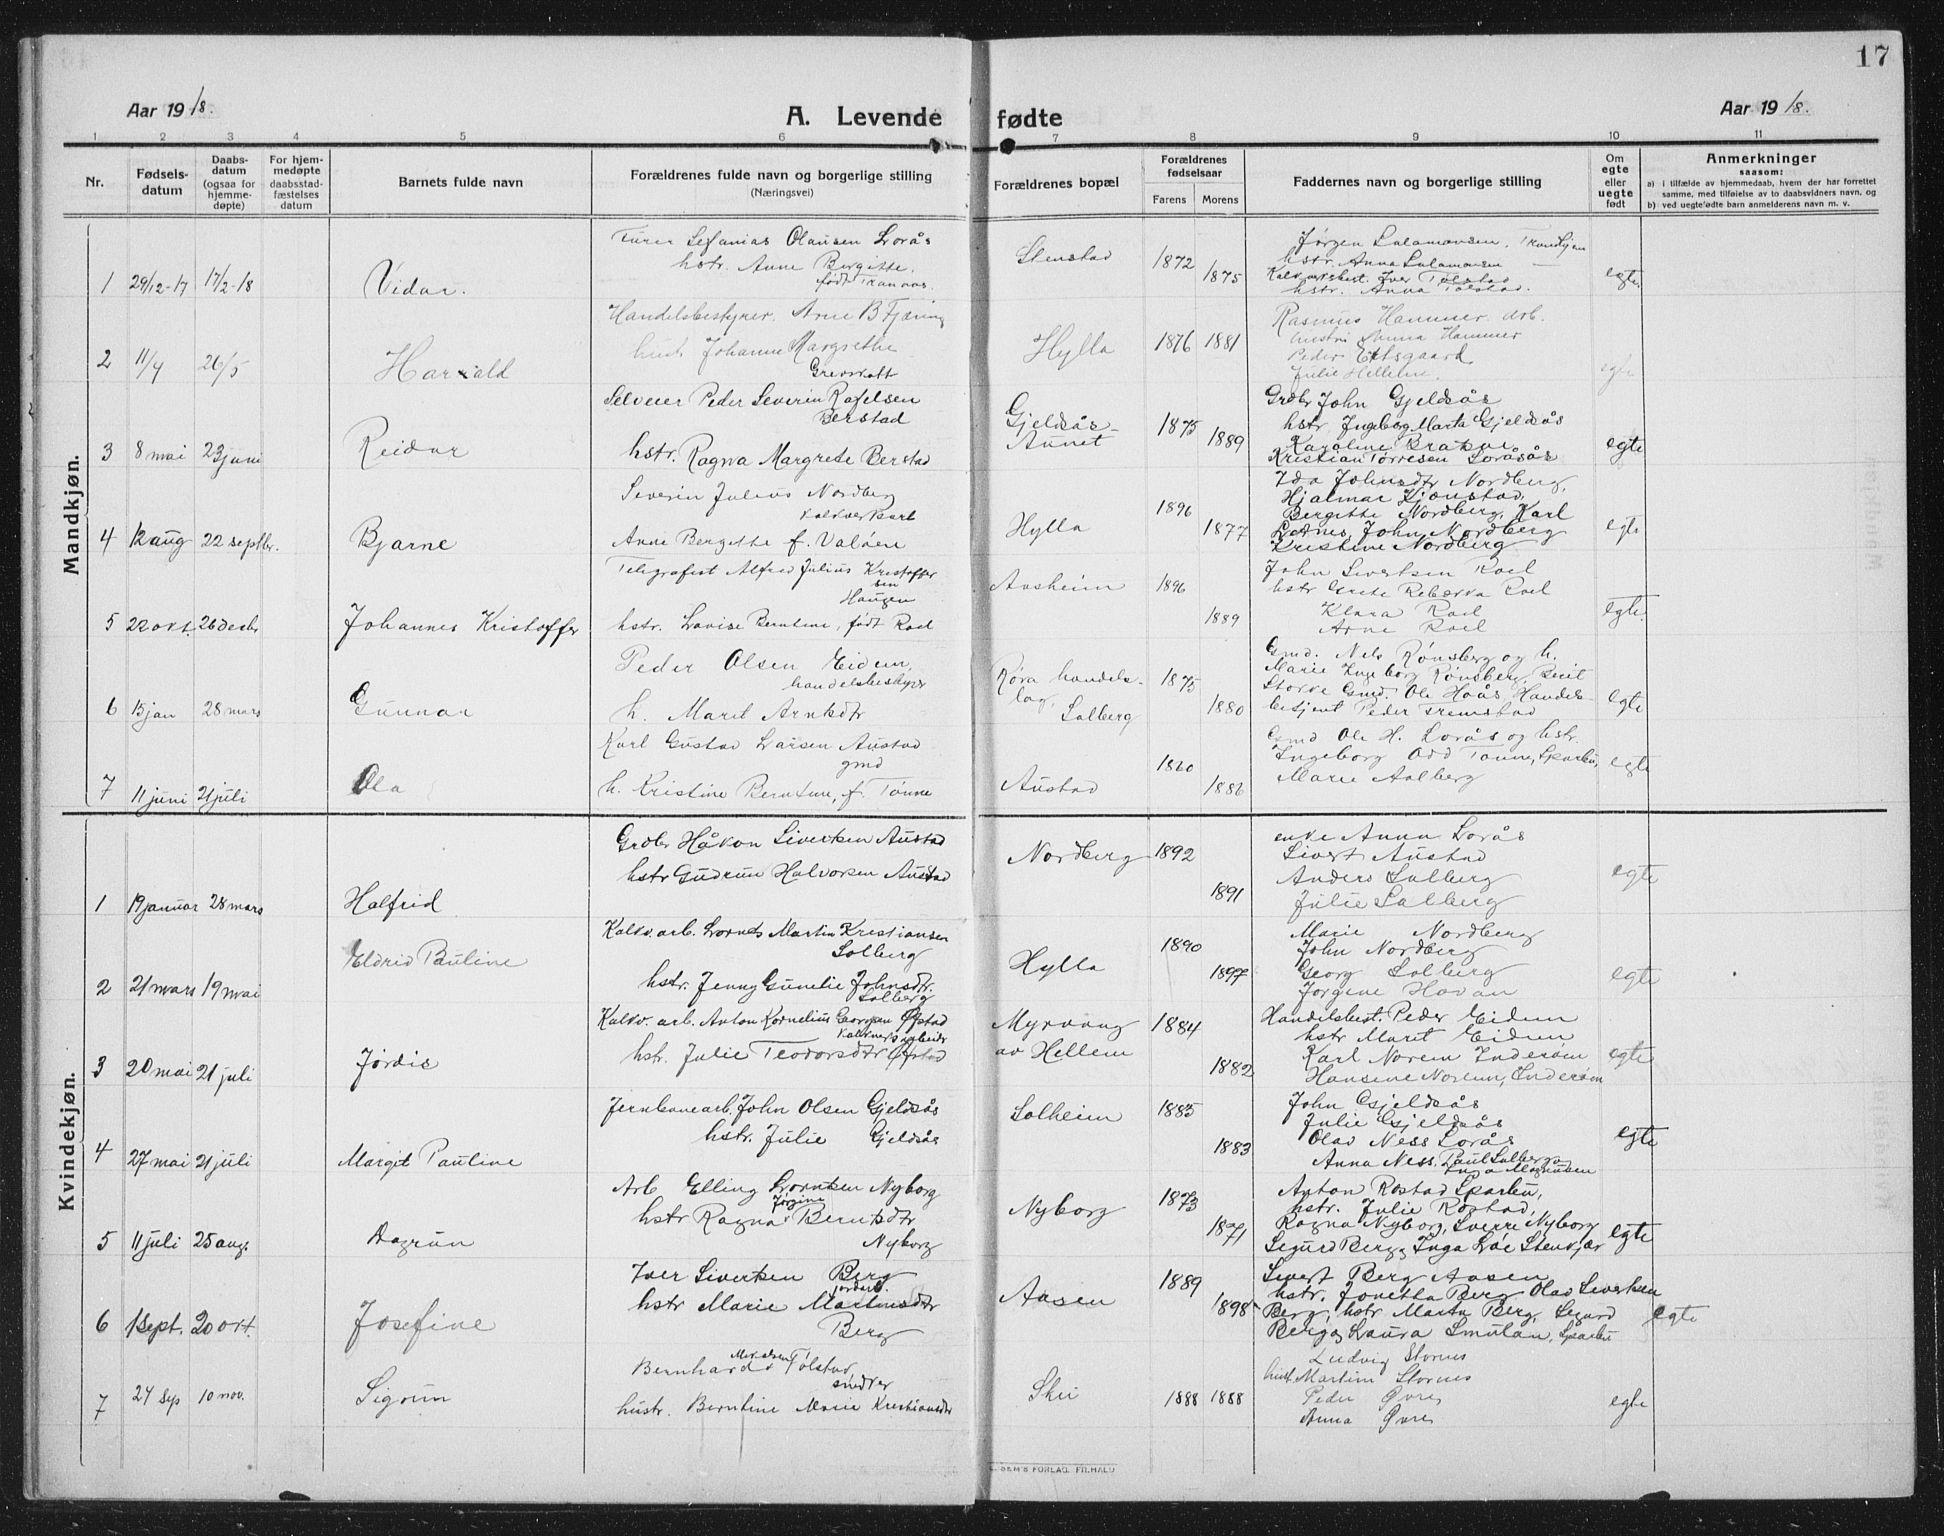 SAT, Ministerialprotokoller, klokkerbøker og fødselsregistre - Nord-Trøndelag, 731/L0312: Klokkerbok nr. 731C03, 1911-1935, s. 17